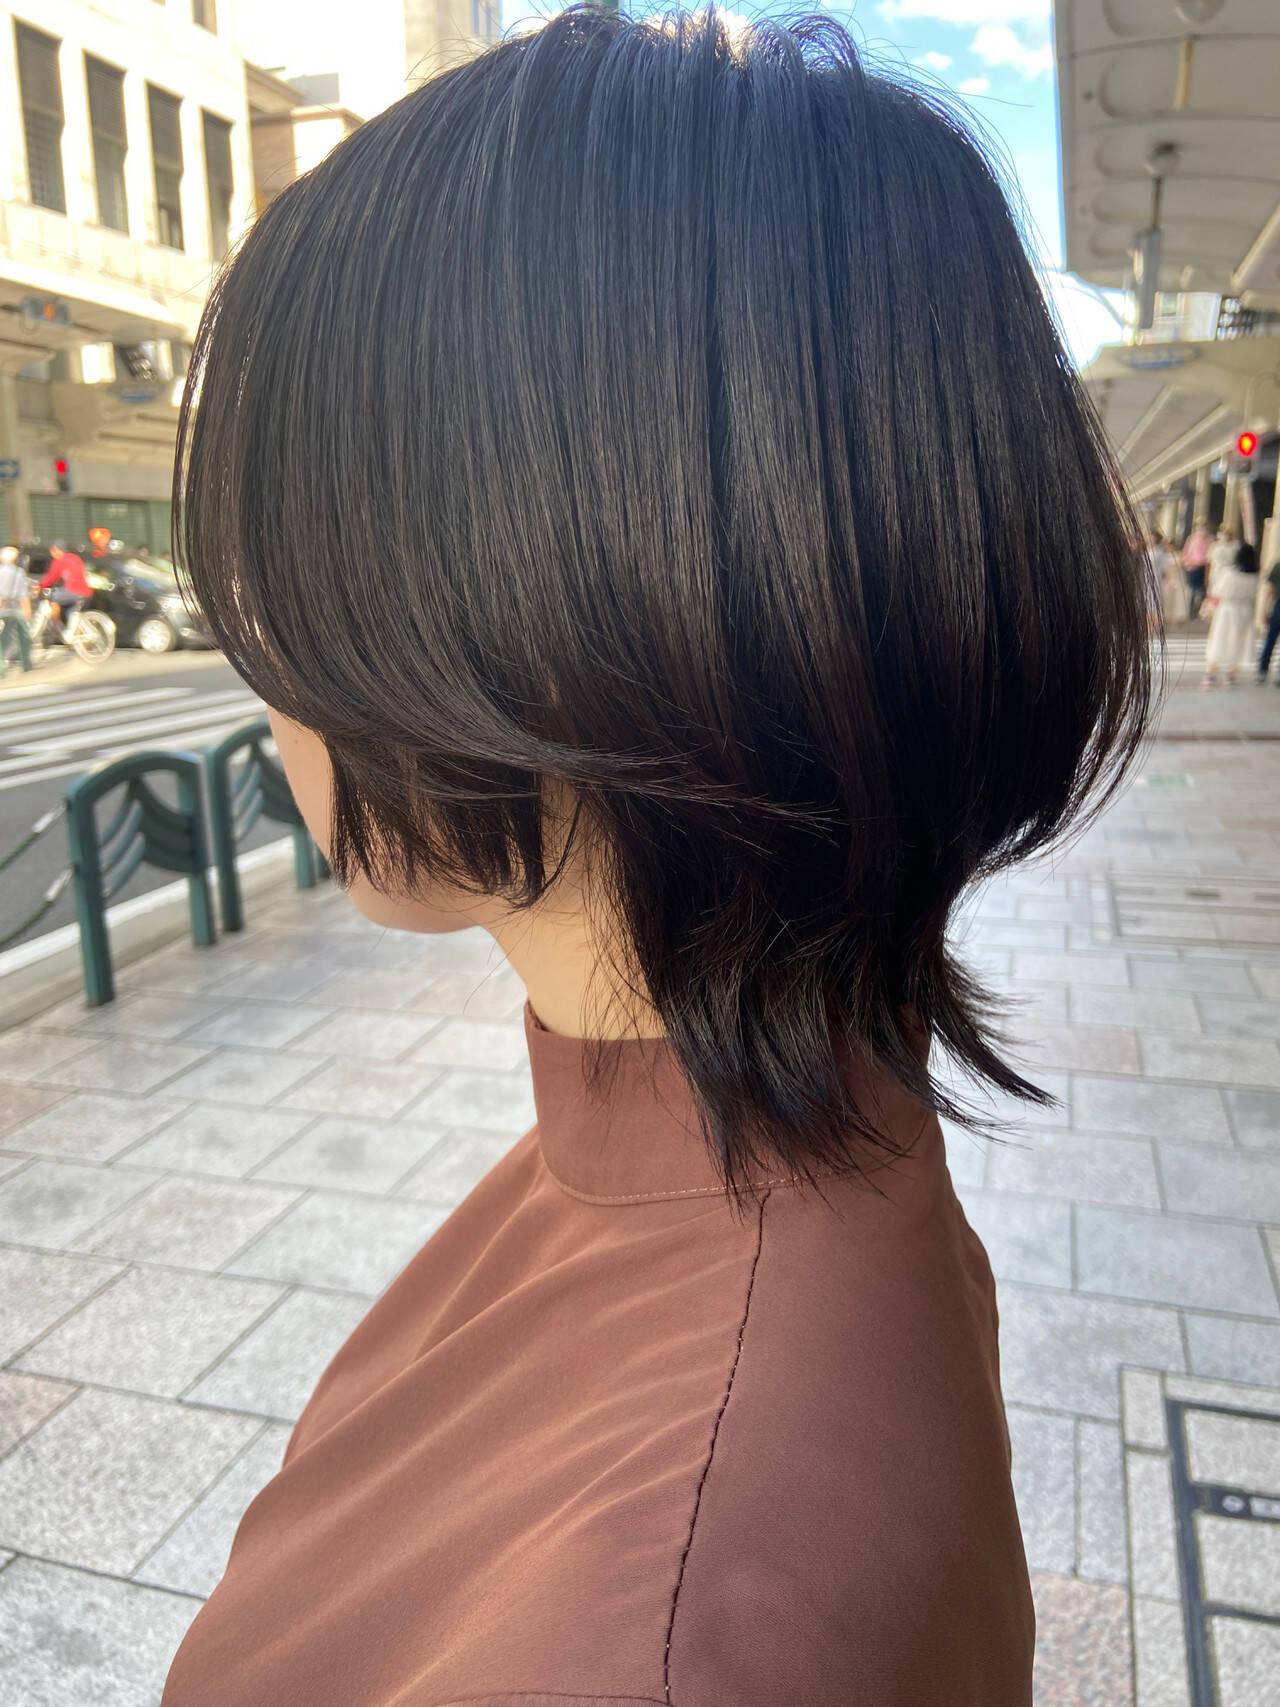 ナチュラル レイヤーカット ブラウンベージュ ウルフカットヘアスタイルや髪型の写真・画像